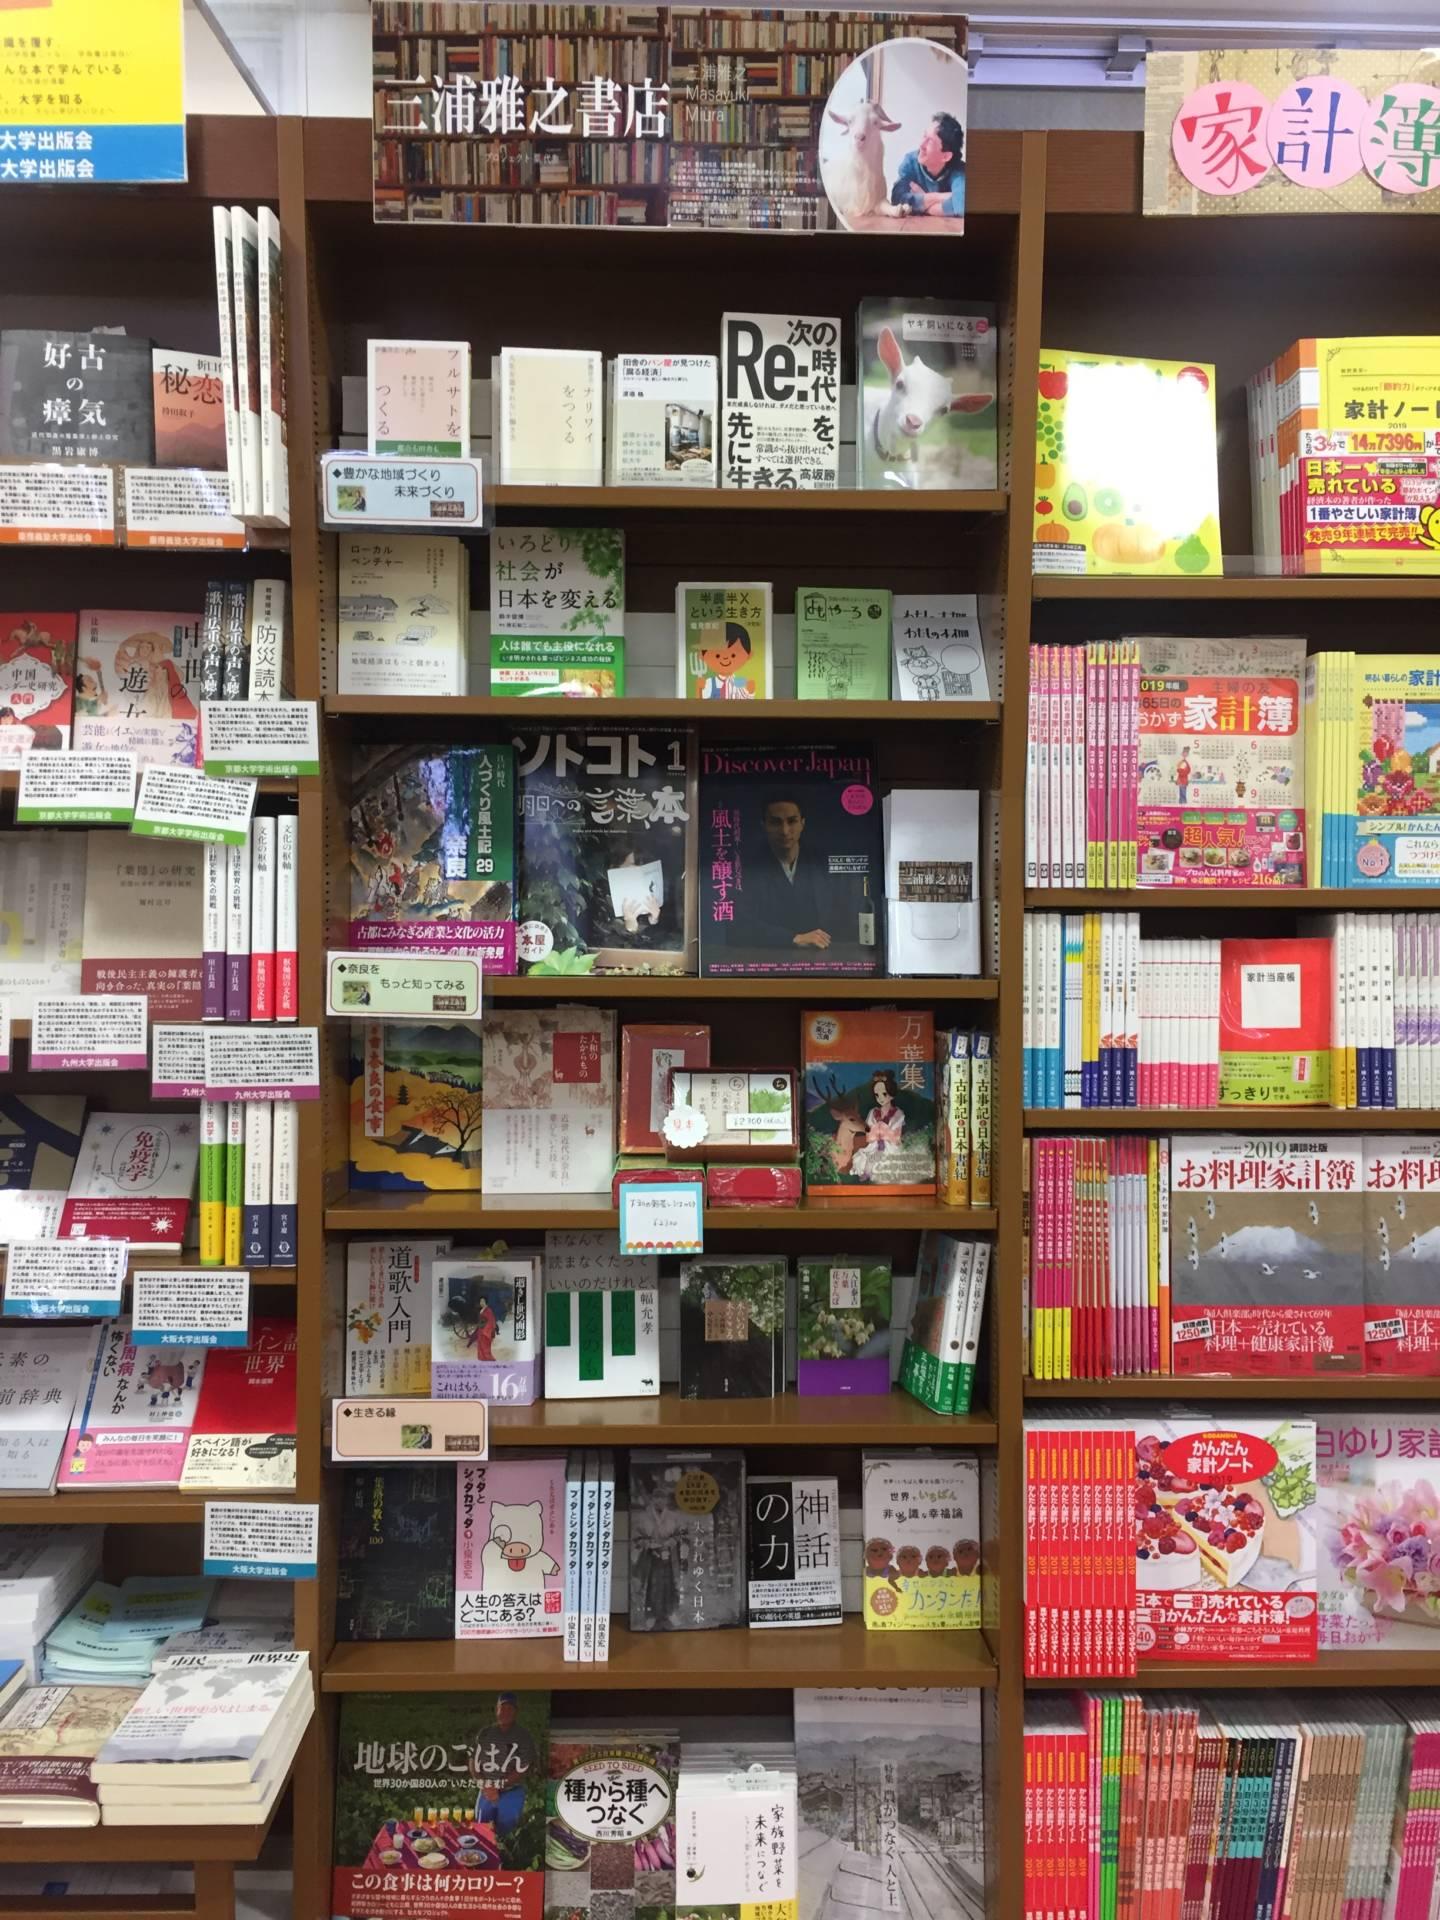 【奈良店にて・私の本棚第三弾】 三浦雅之書店、 開店しています!